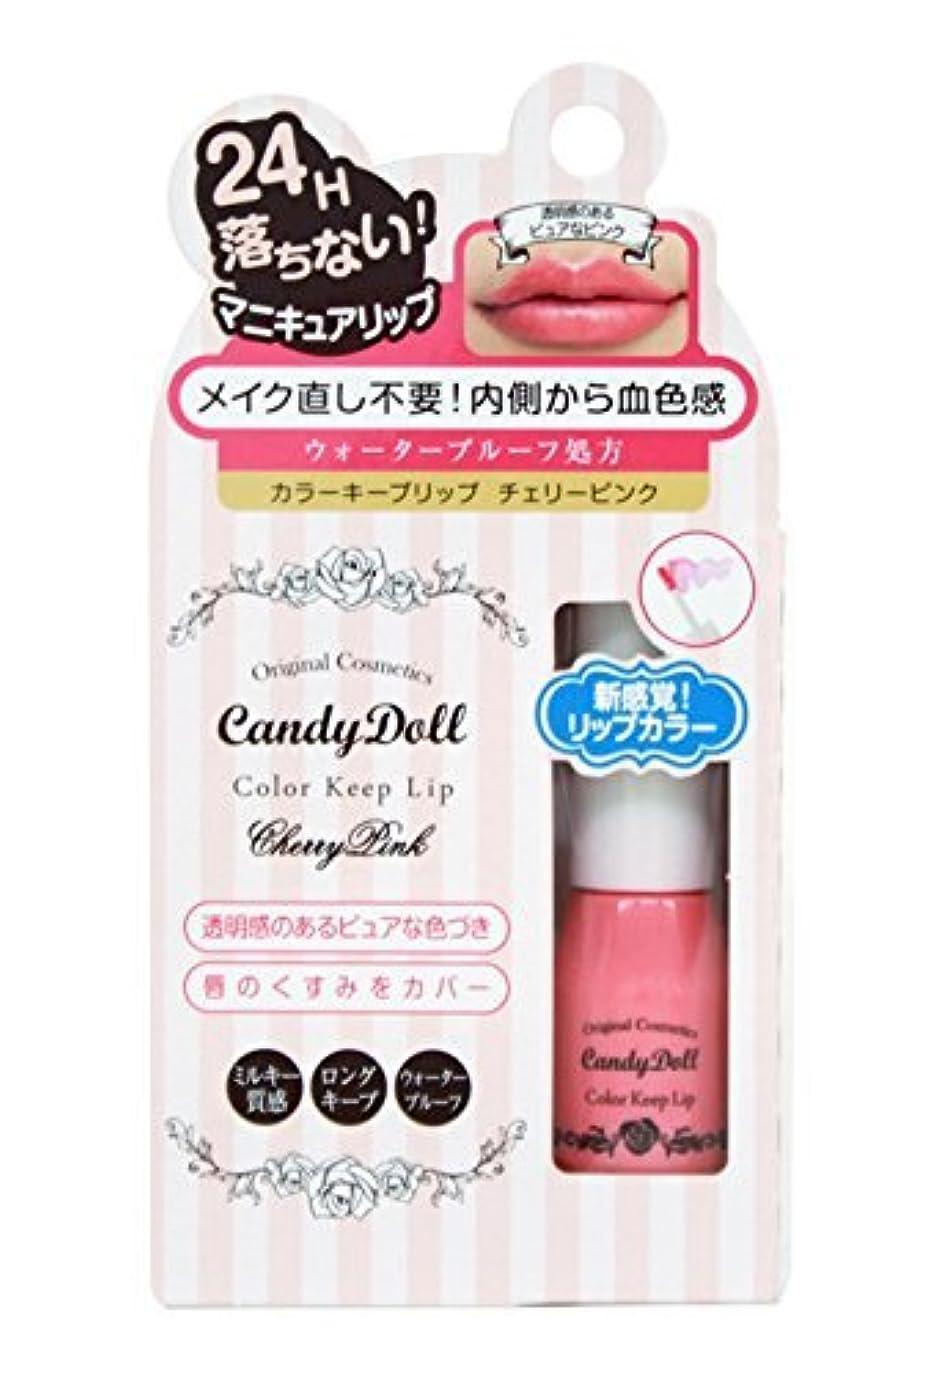 句読点コンテスト悩みT-Garden CandyDoll カラーキープリップ チェリーピンク